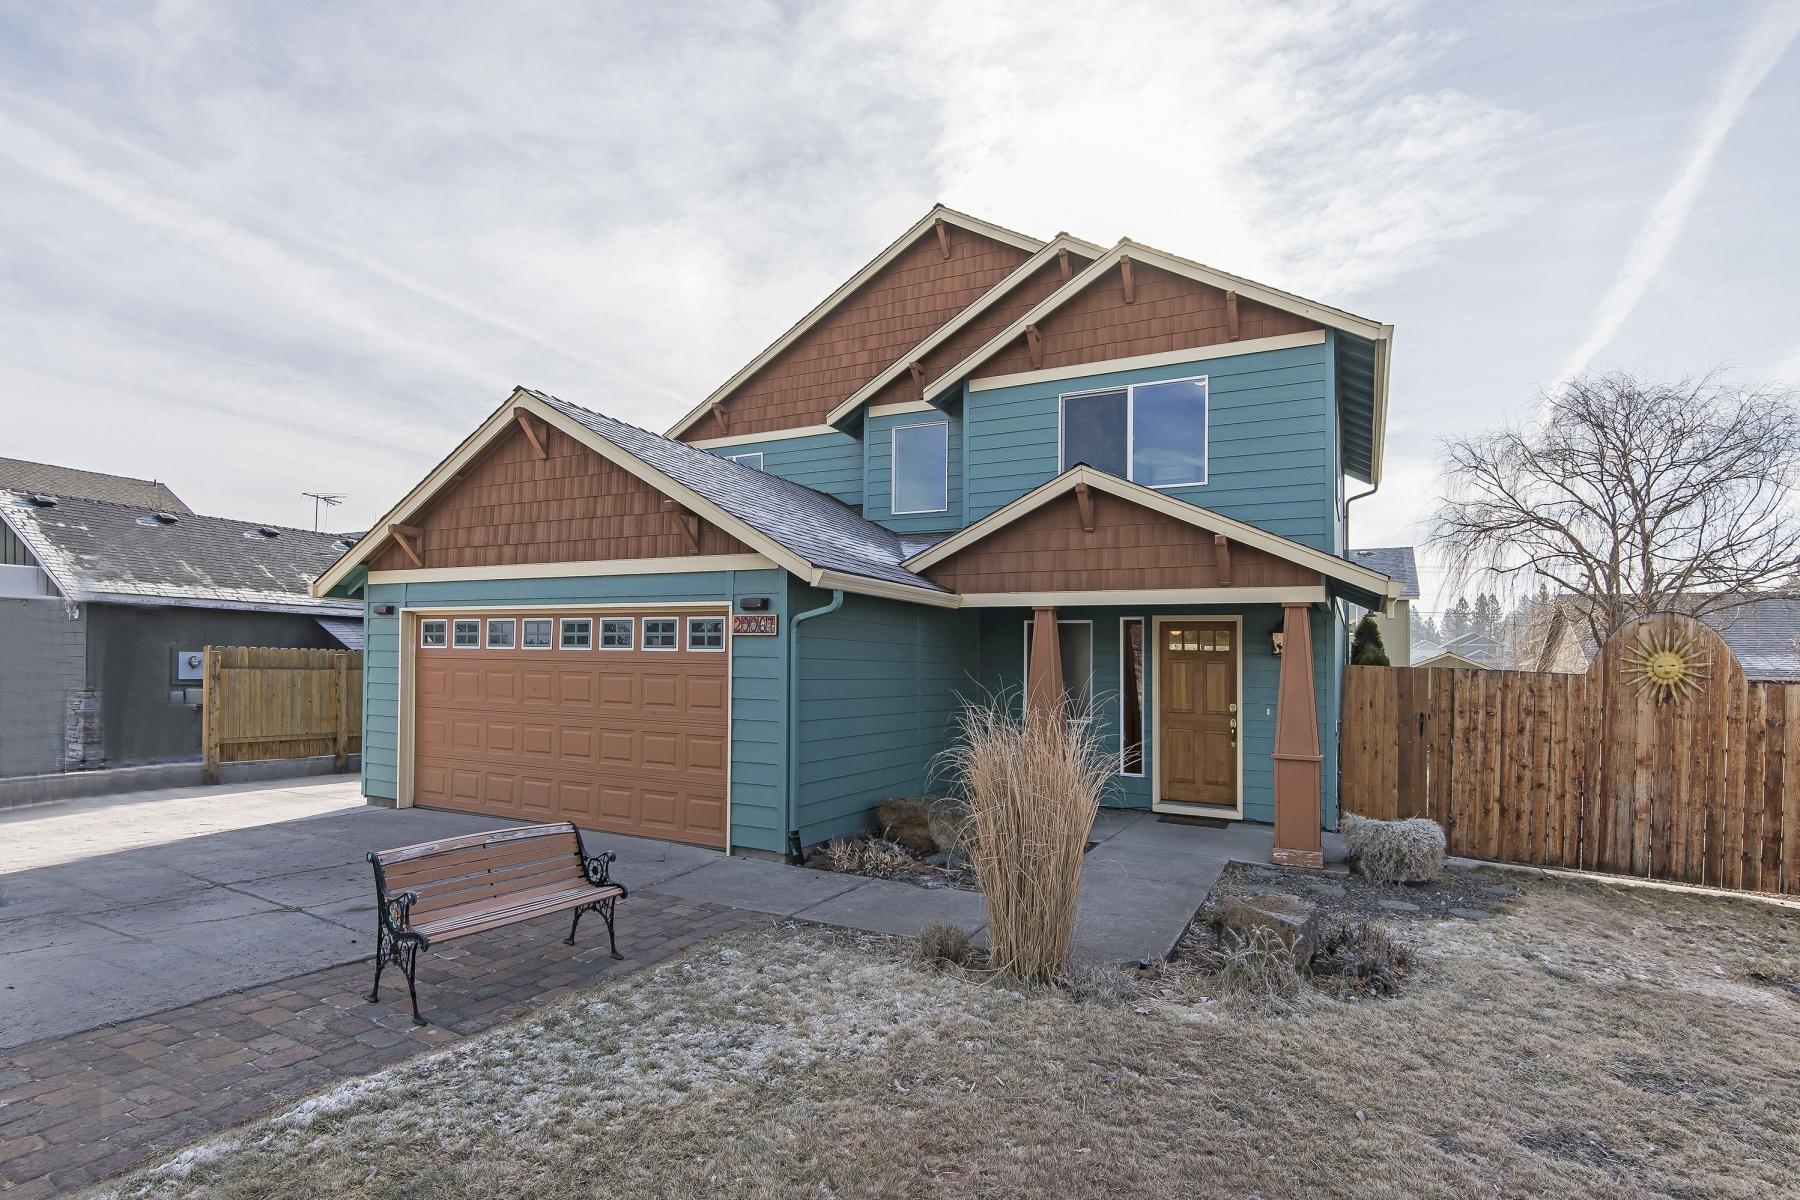 Single Family Home for Rent at 20067 Elizabeth Lane 20067 Elizabeth Lane Bend, Oregon 97702 United States